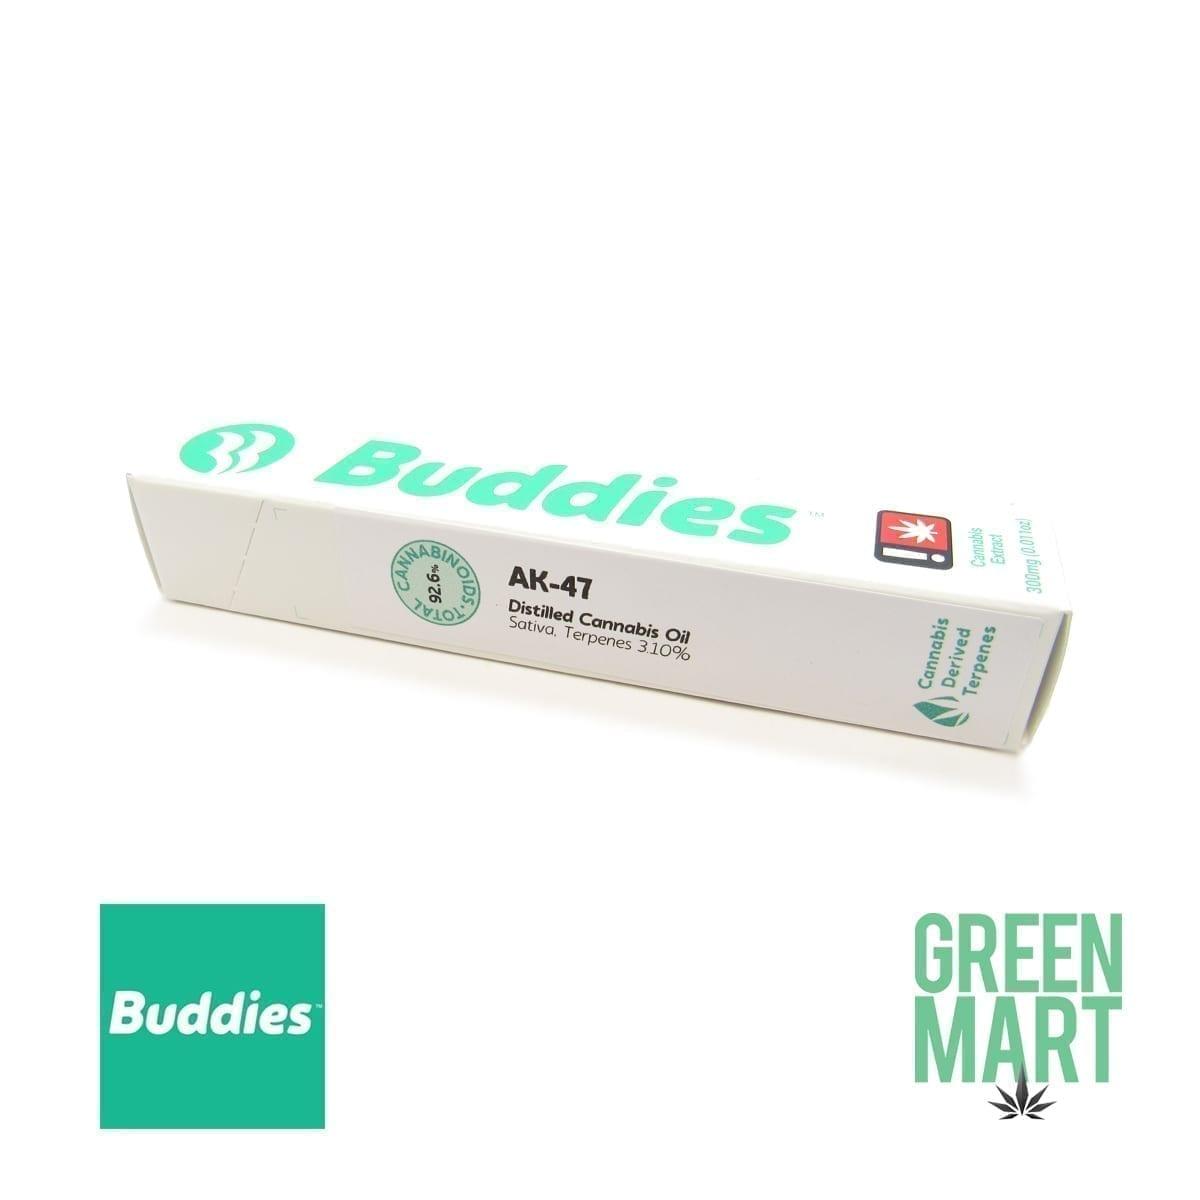 Buddies Brand Disposable Vape - AK-47